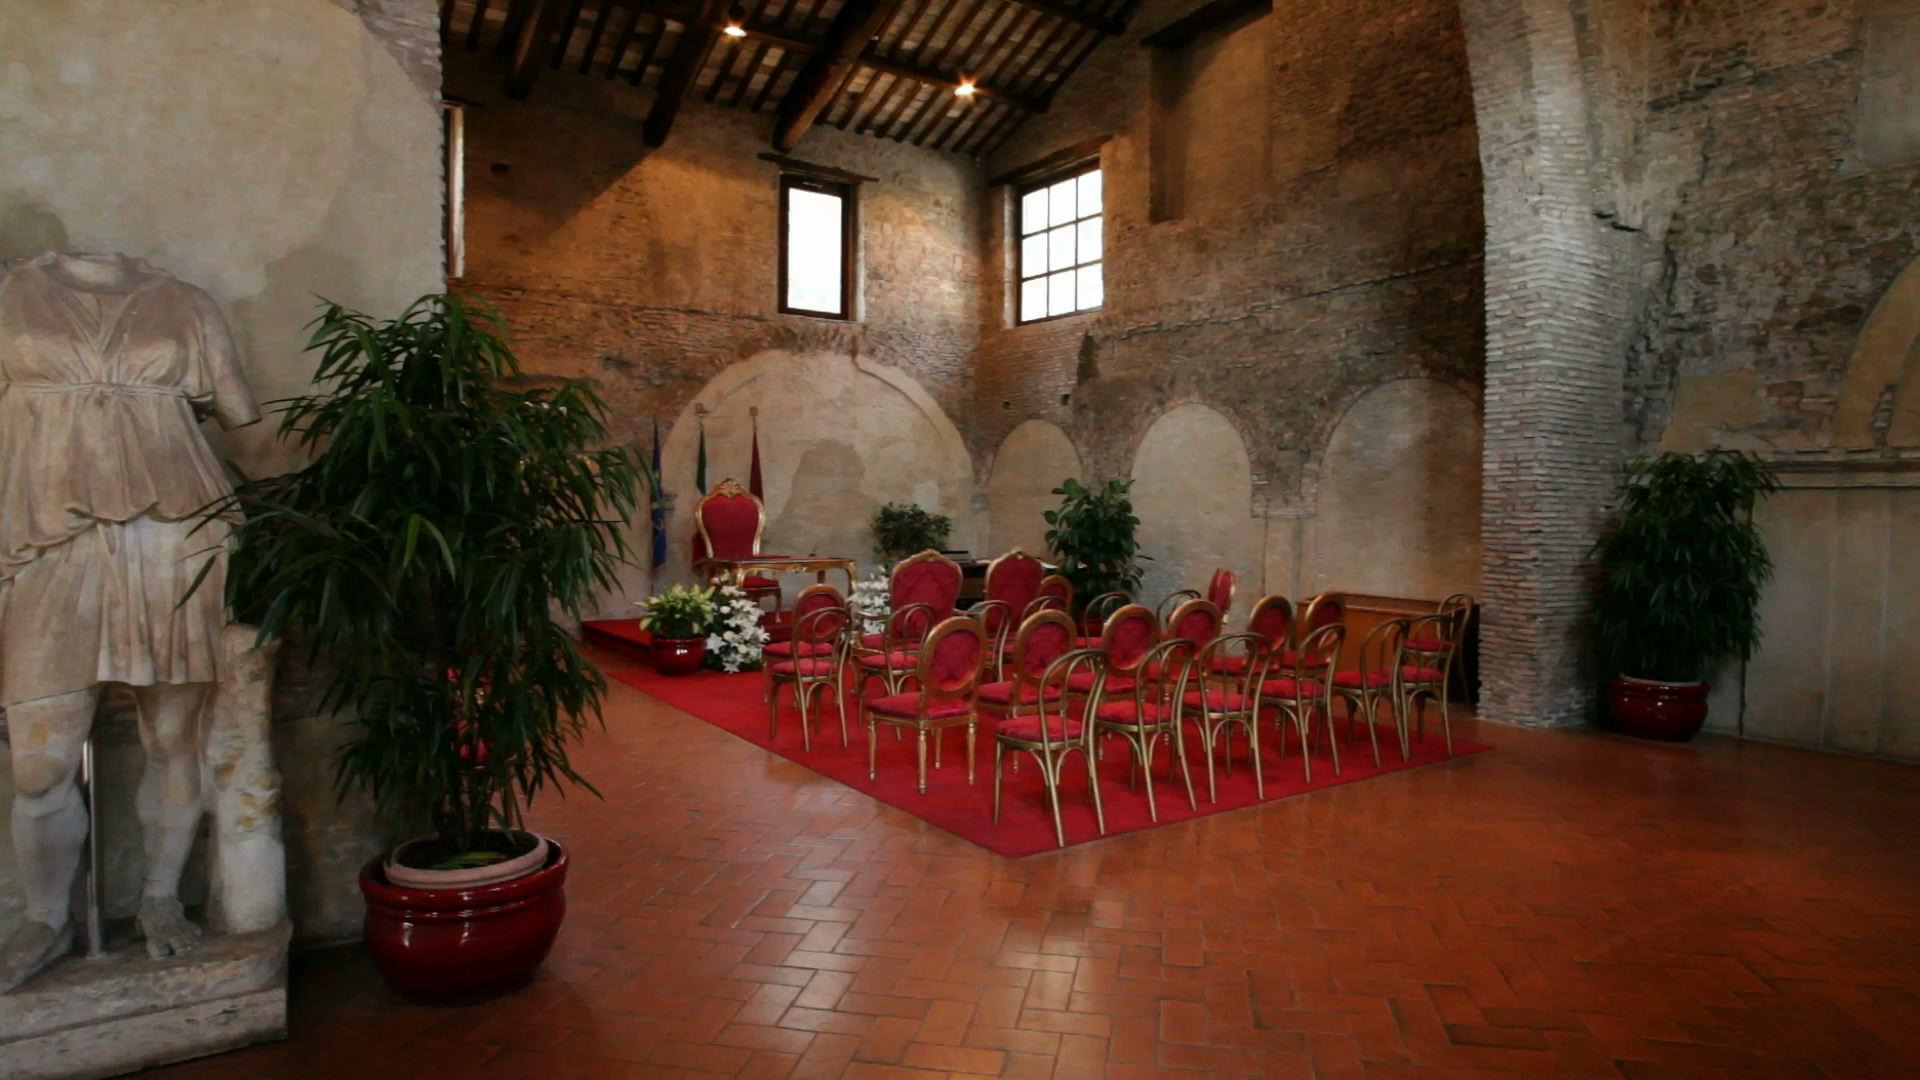 santa maria in tempulo villa aldobrandeschi 00022.jpeg